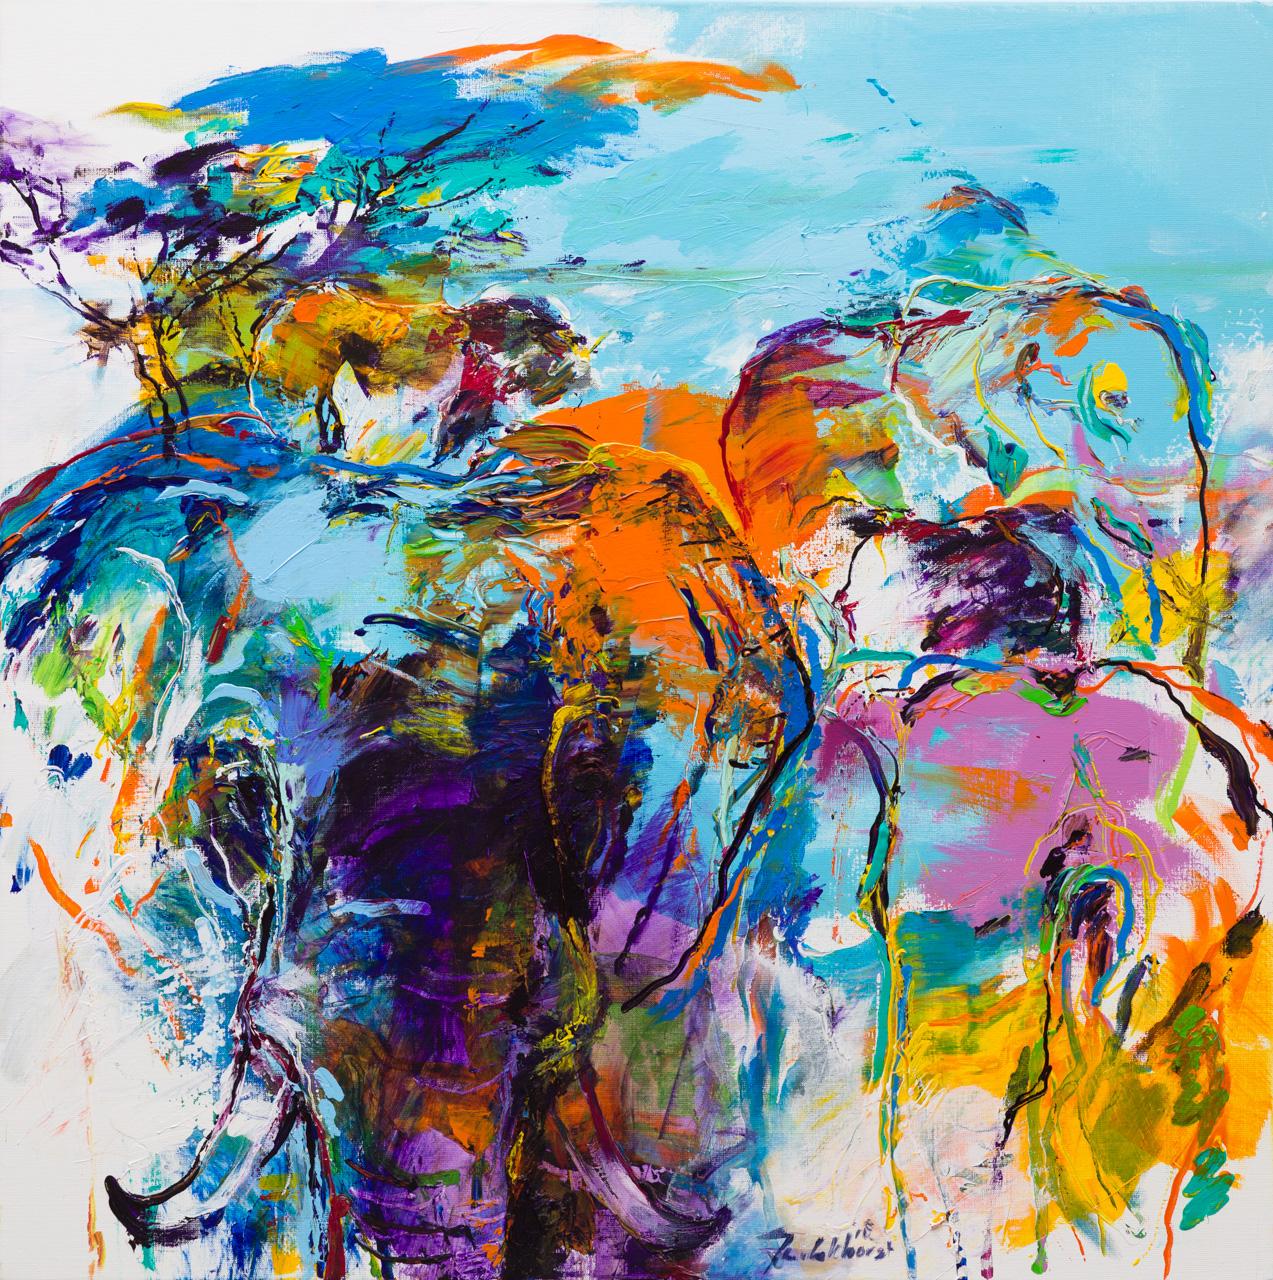 Olifanten schilderij paars blauw